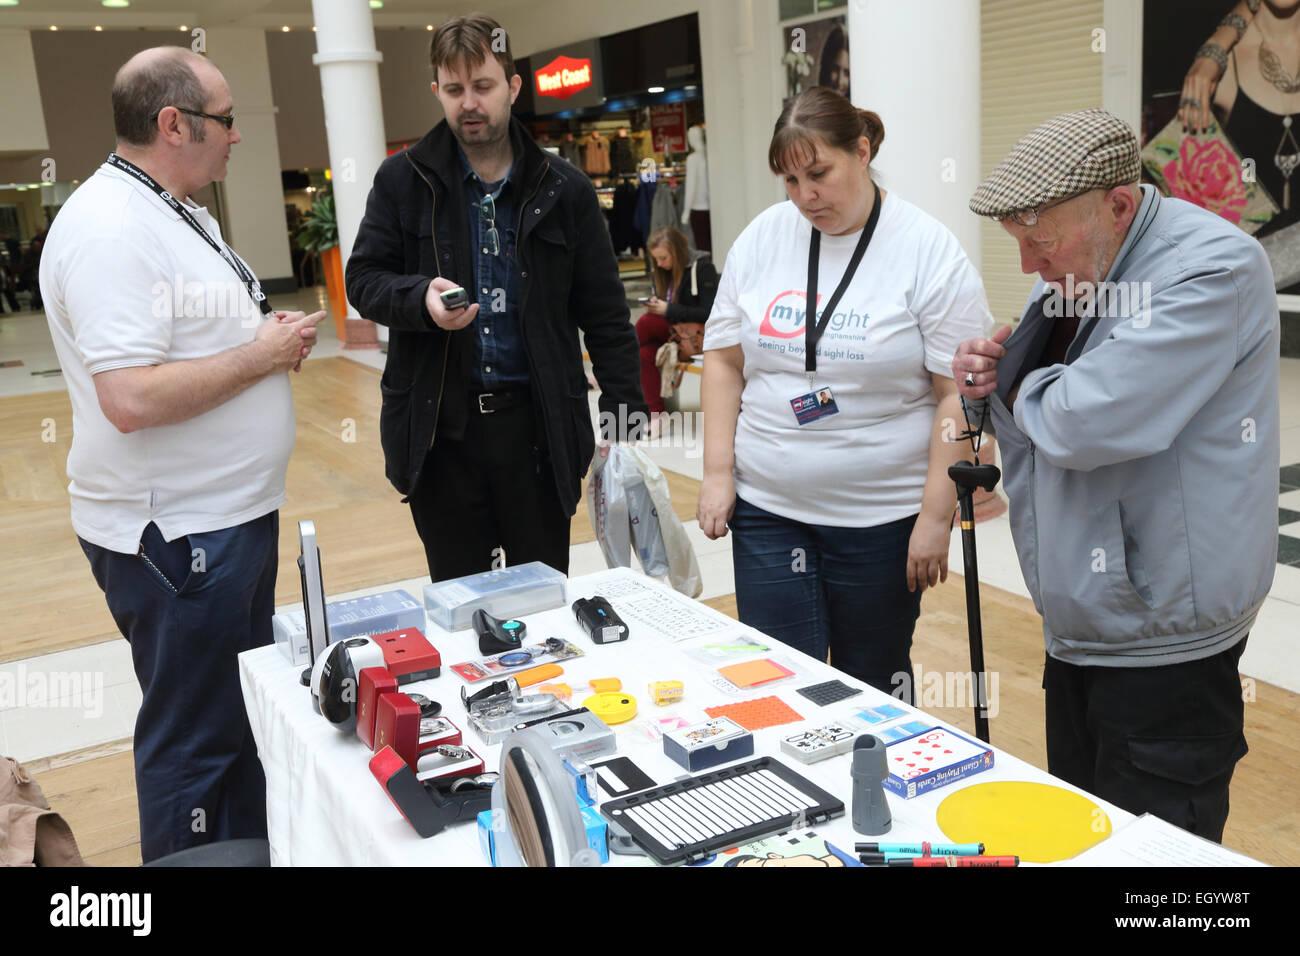 Calar la promoción de productos y servicios para personas con discapacidad visual, dirigido por la caridad Imagen De Stock